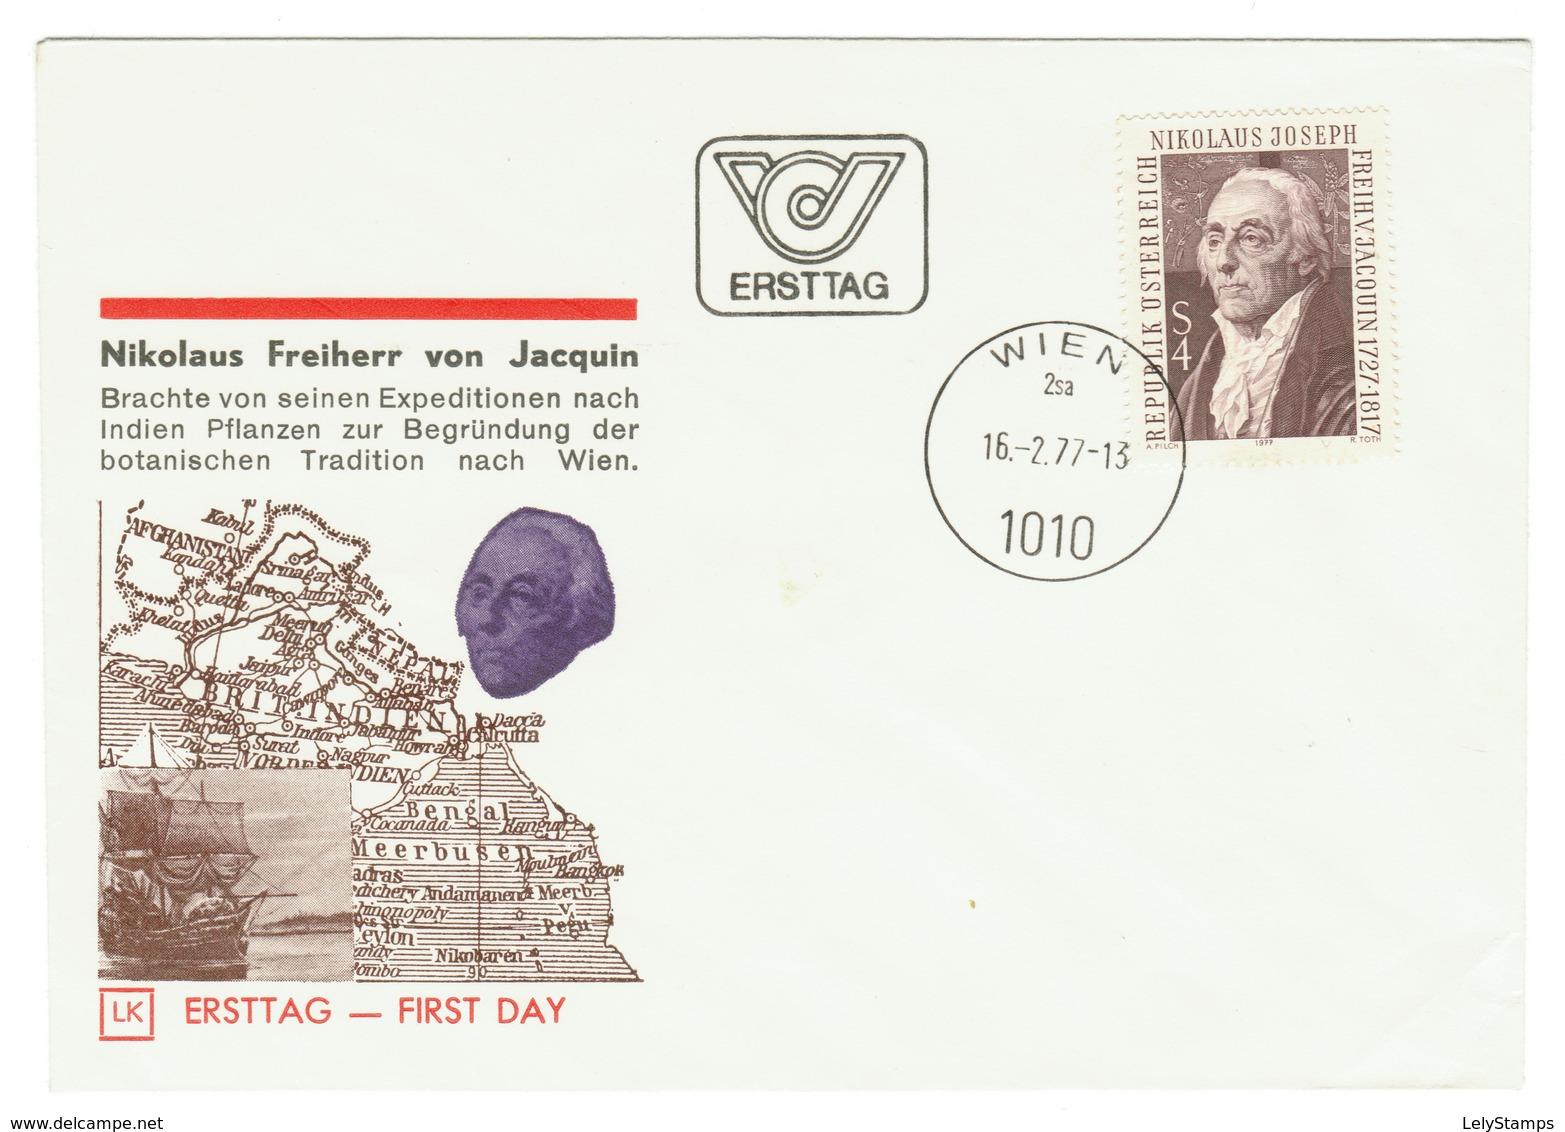 Oostenijk / Austria / Osterreich FDC 1977 Nikolaus Freiherr Von Jacquin - FDC